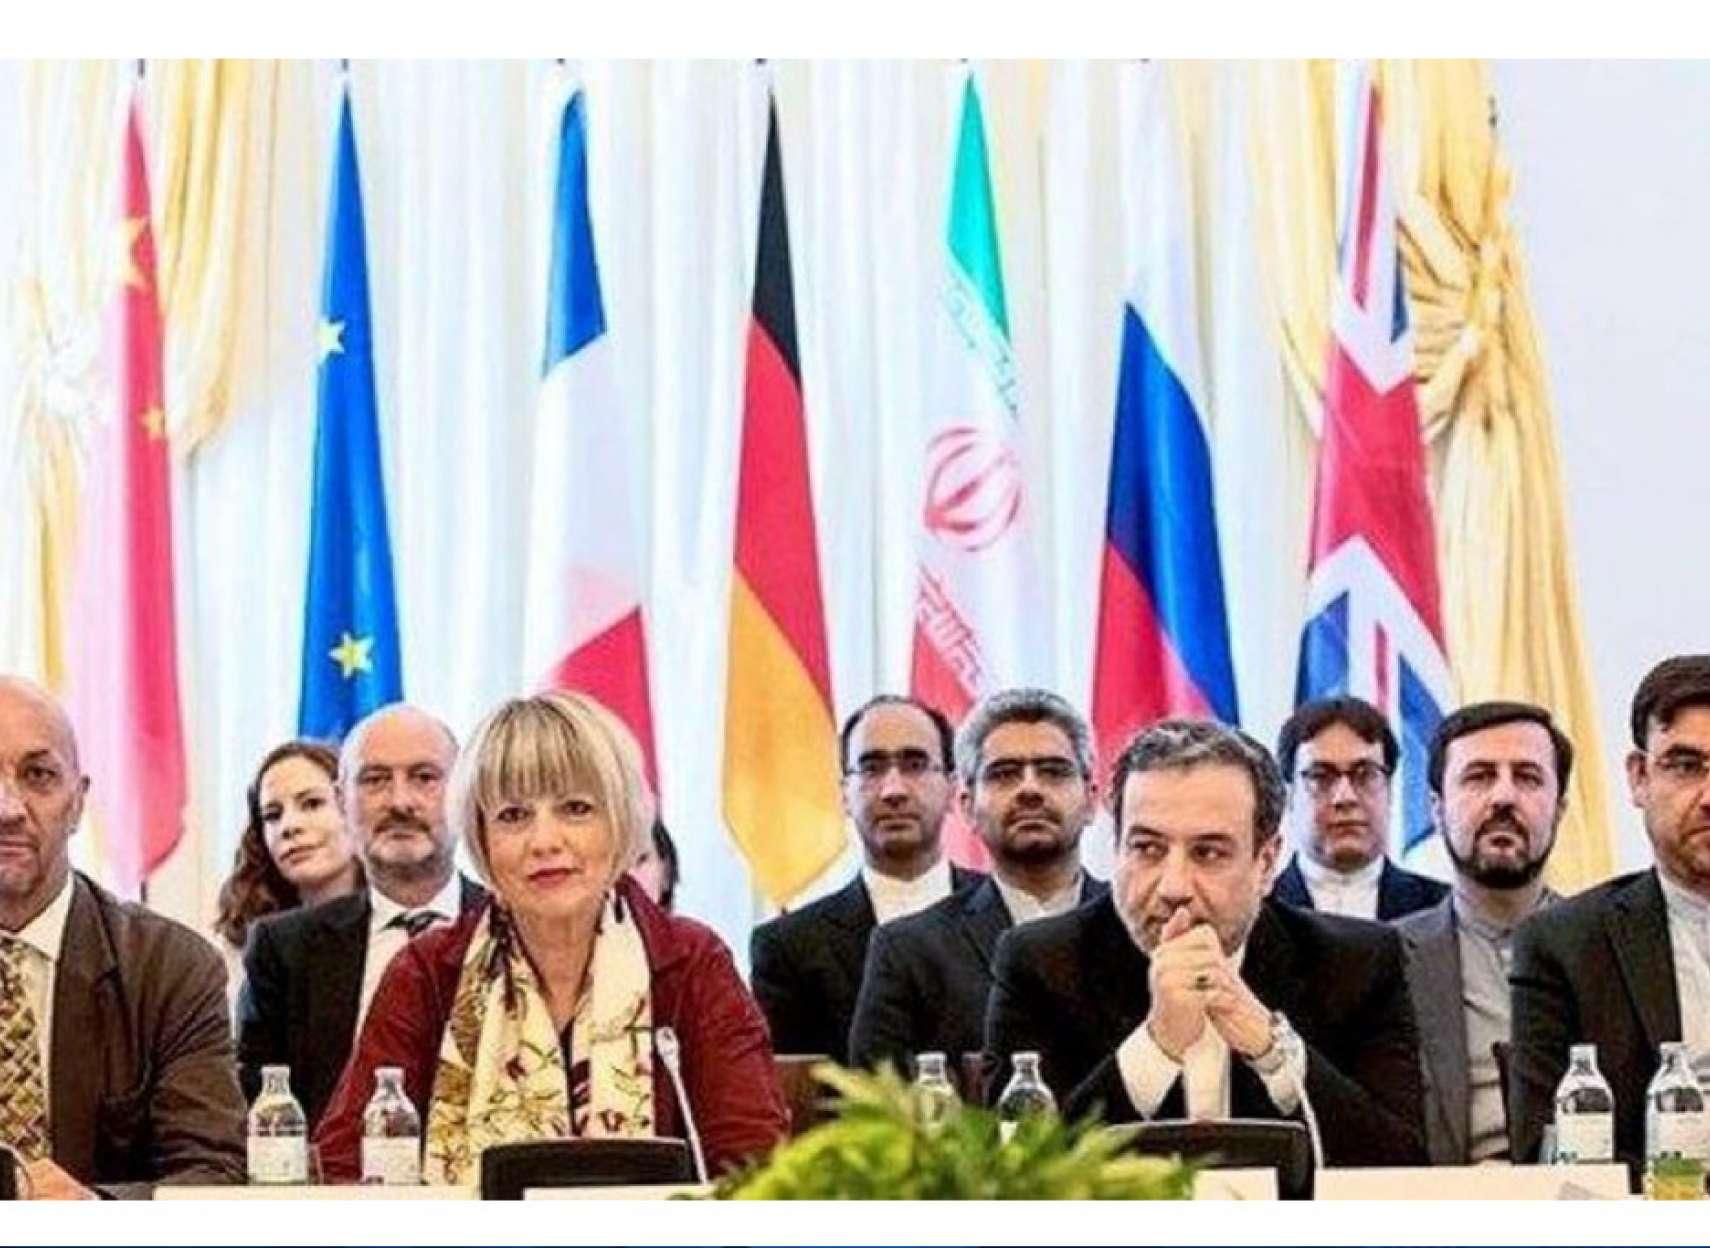 اقتصاد-تنباکویی-جلسه-کمیسیون-ناظر-برجام-هفته-آینده-برگزار-میشود